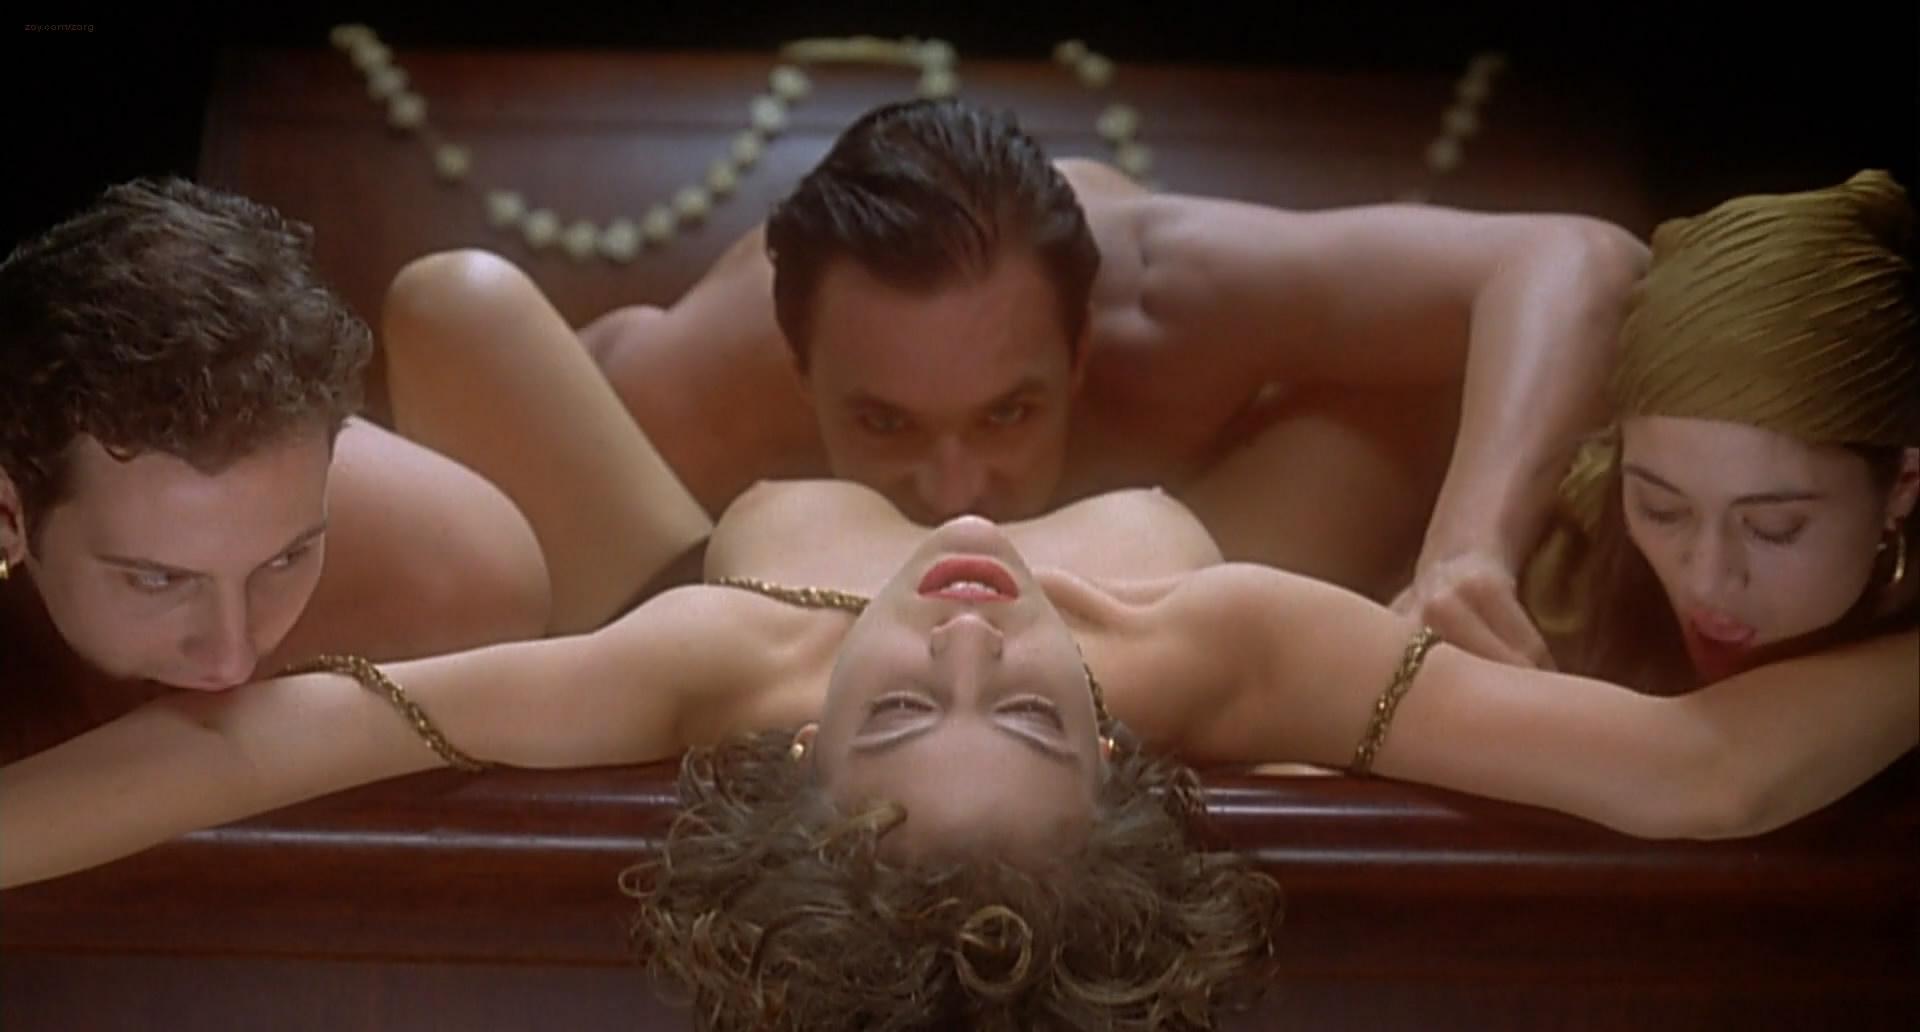 smotret-film-eroticheskie-sni